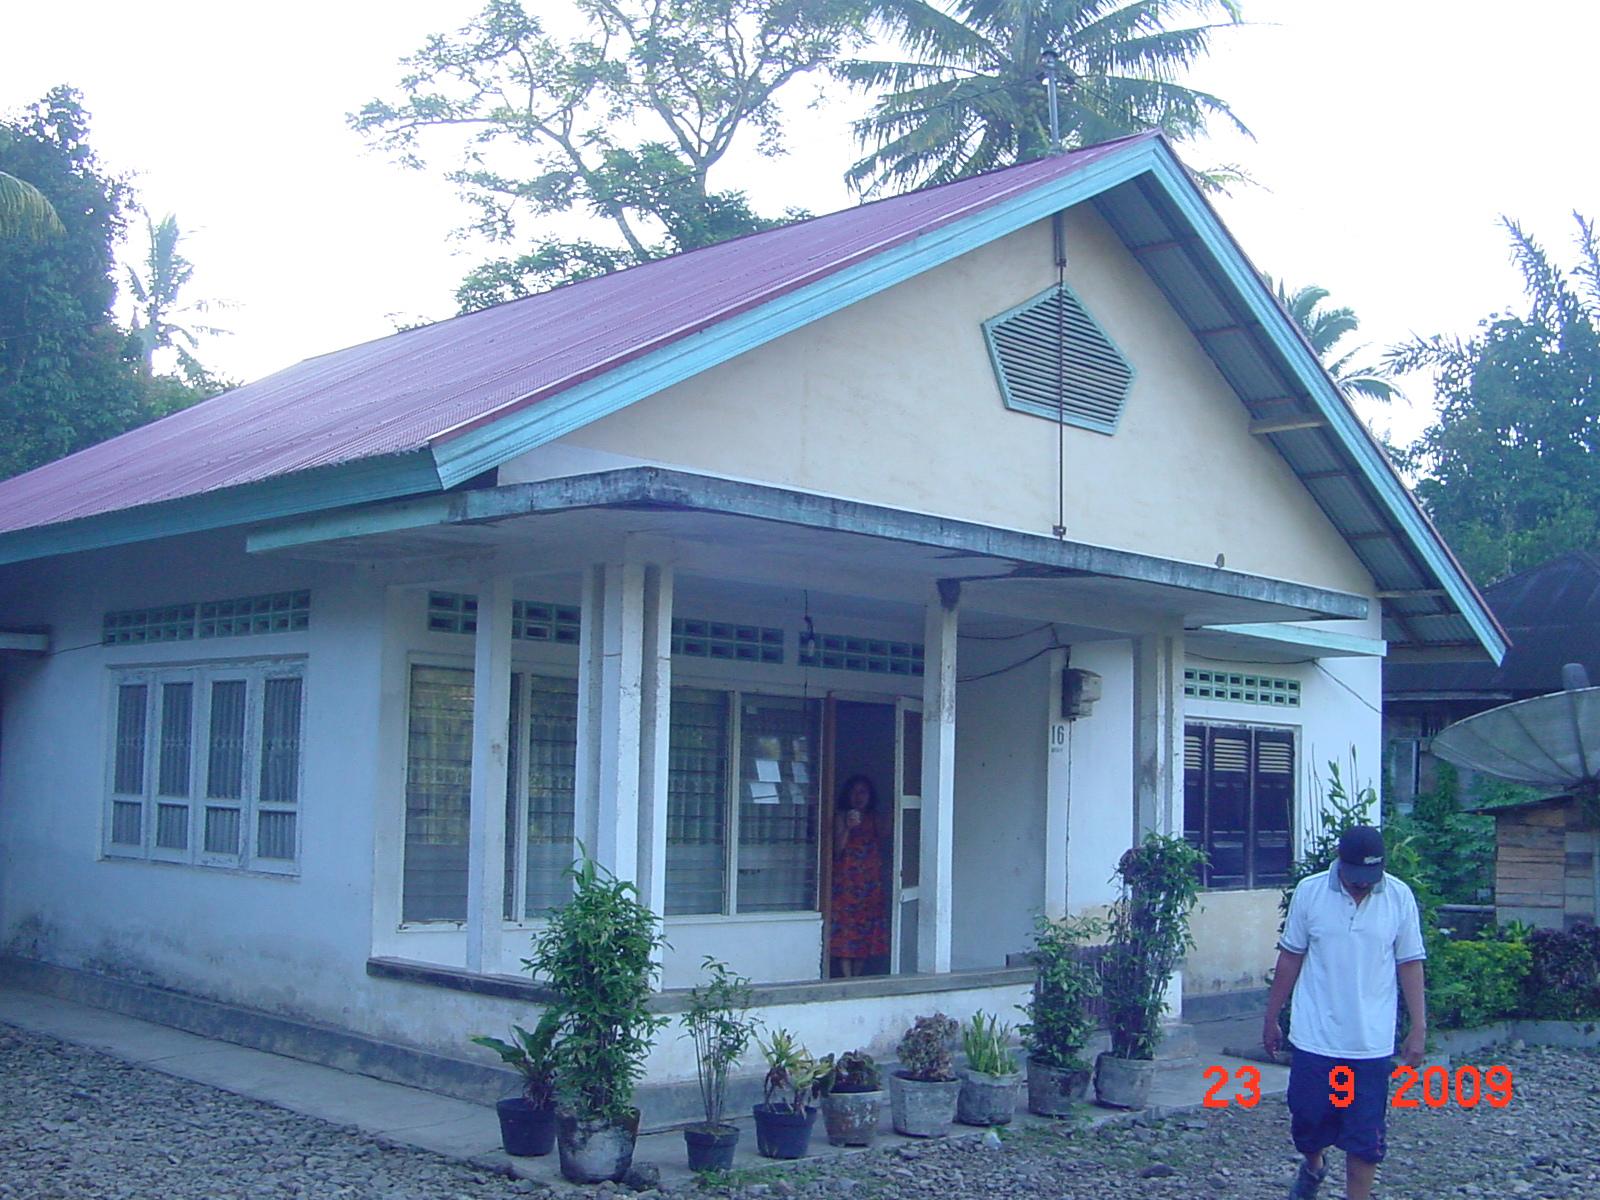 rumah nenek di Talang Maur